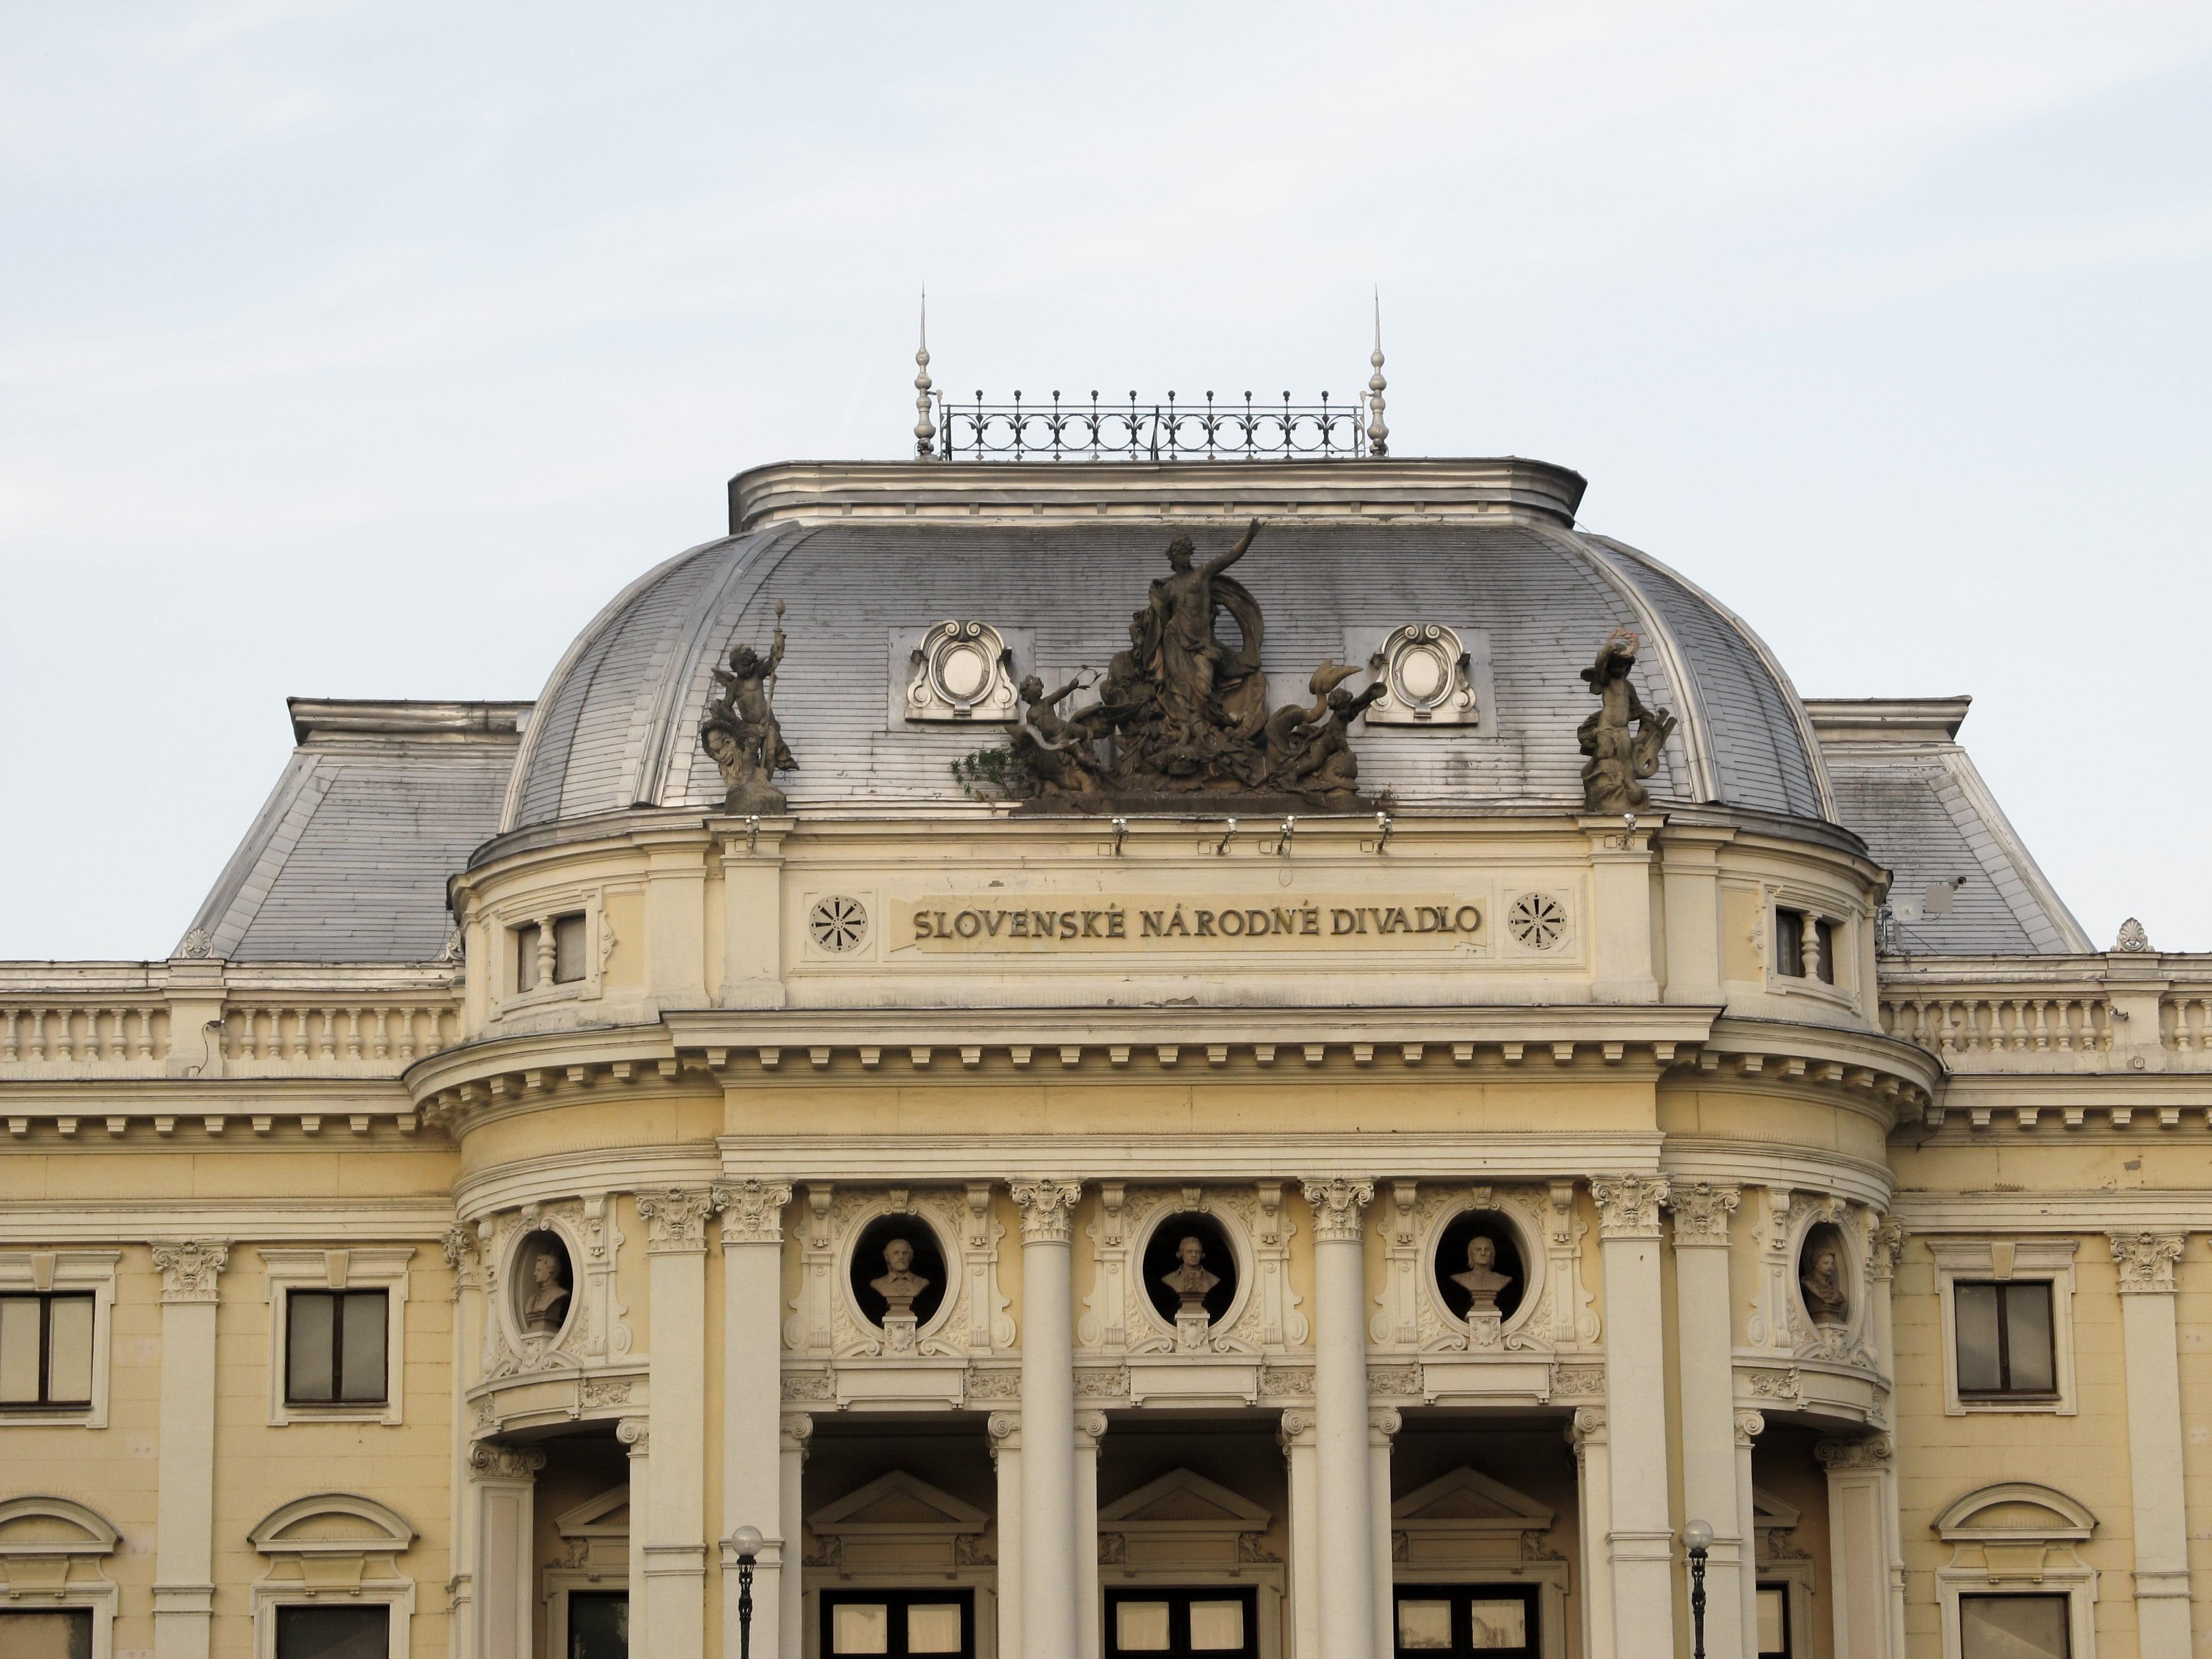 Découvrez mon programme pour visiter en une journée Bratislava, la pittoresque capitale slovaque.